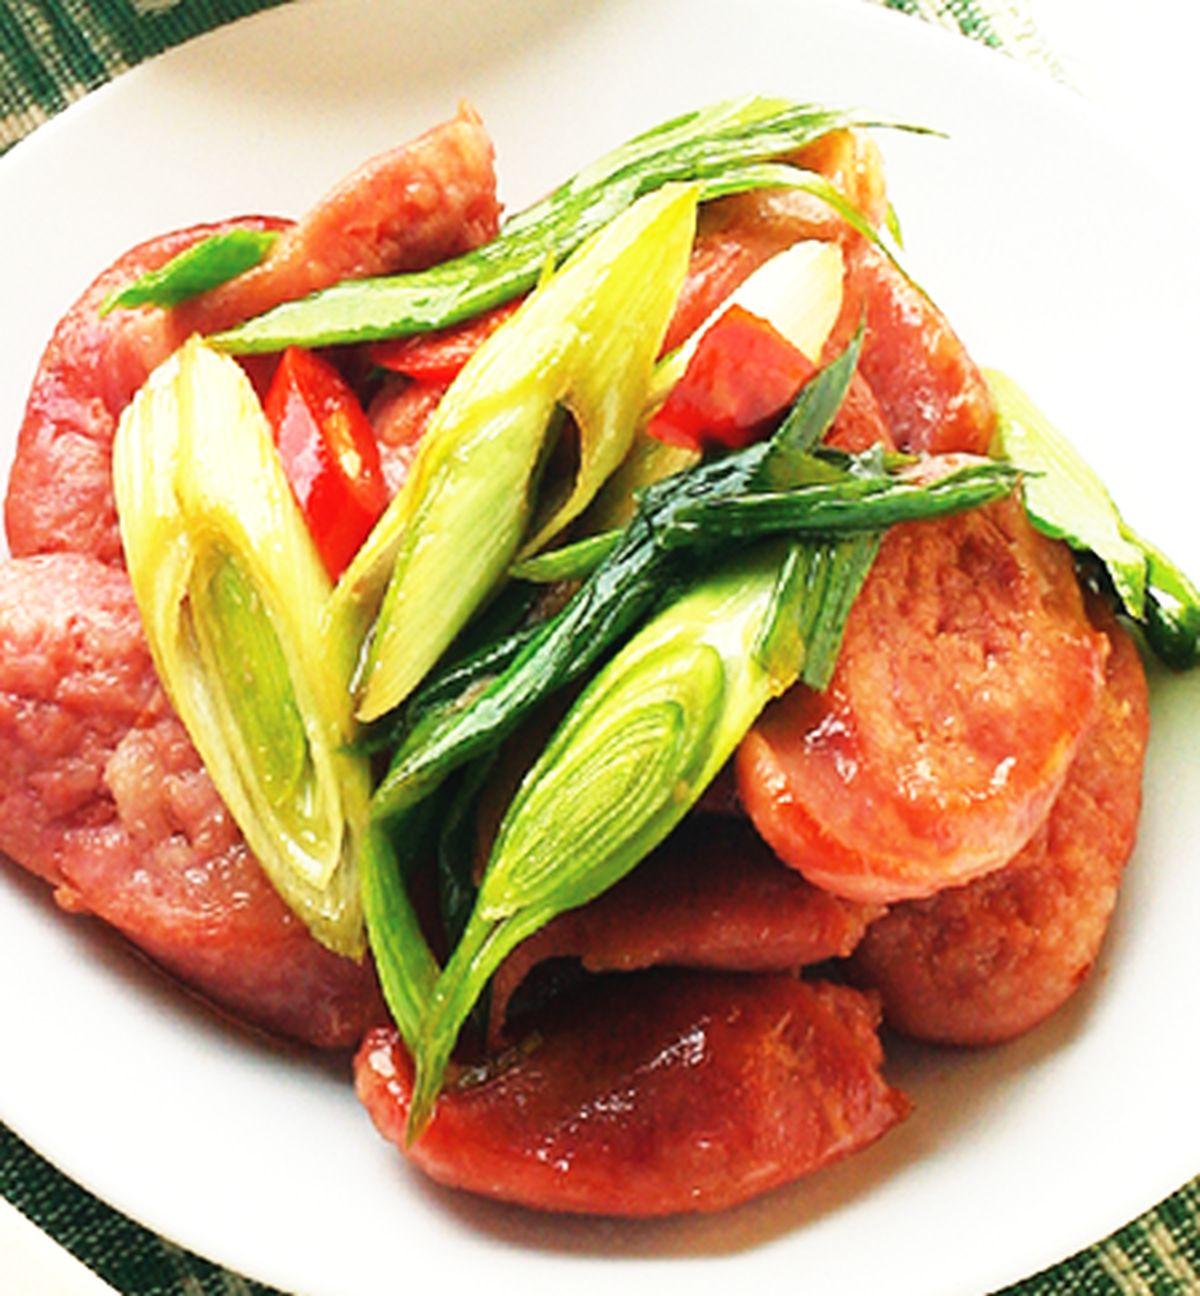 食譜:蒜苗炒香腸